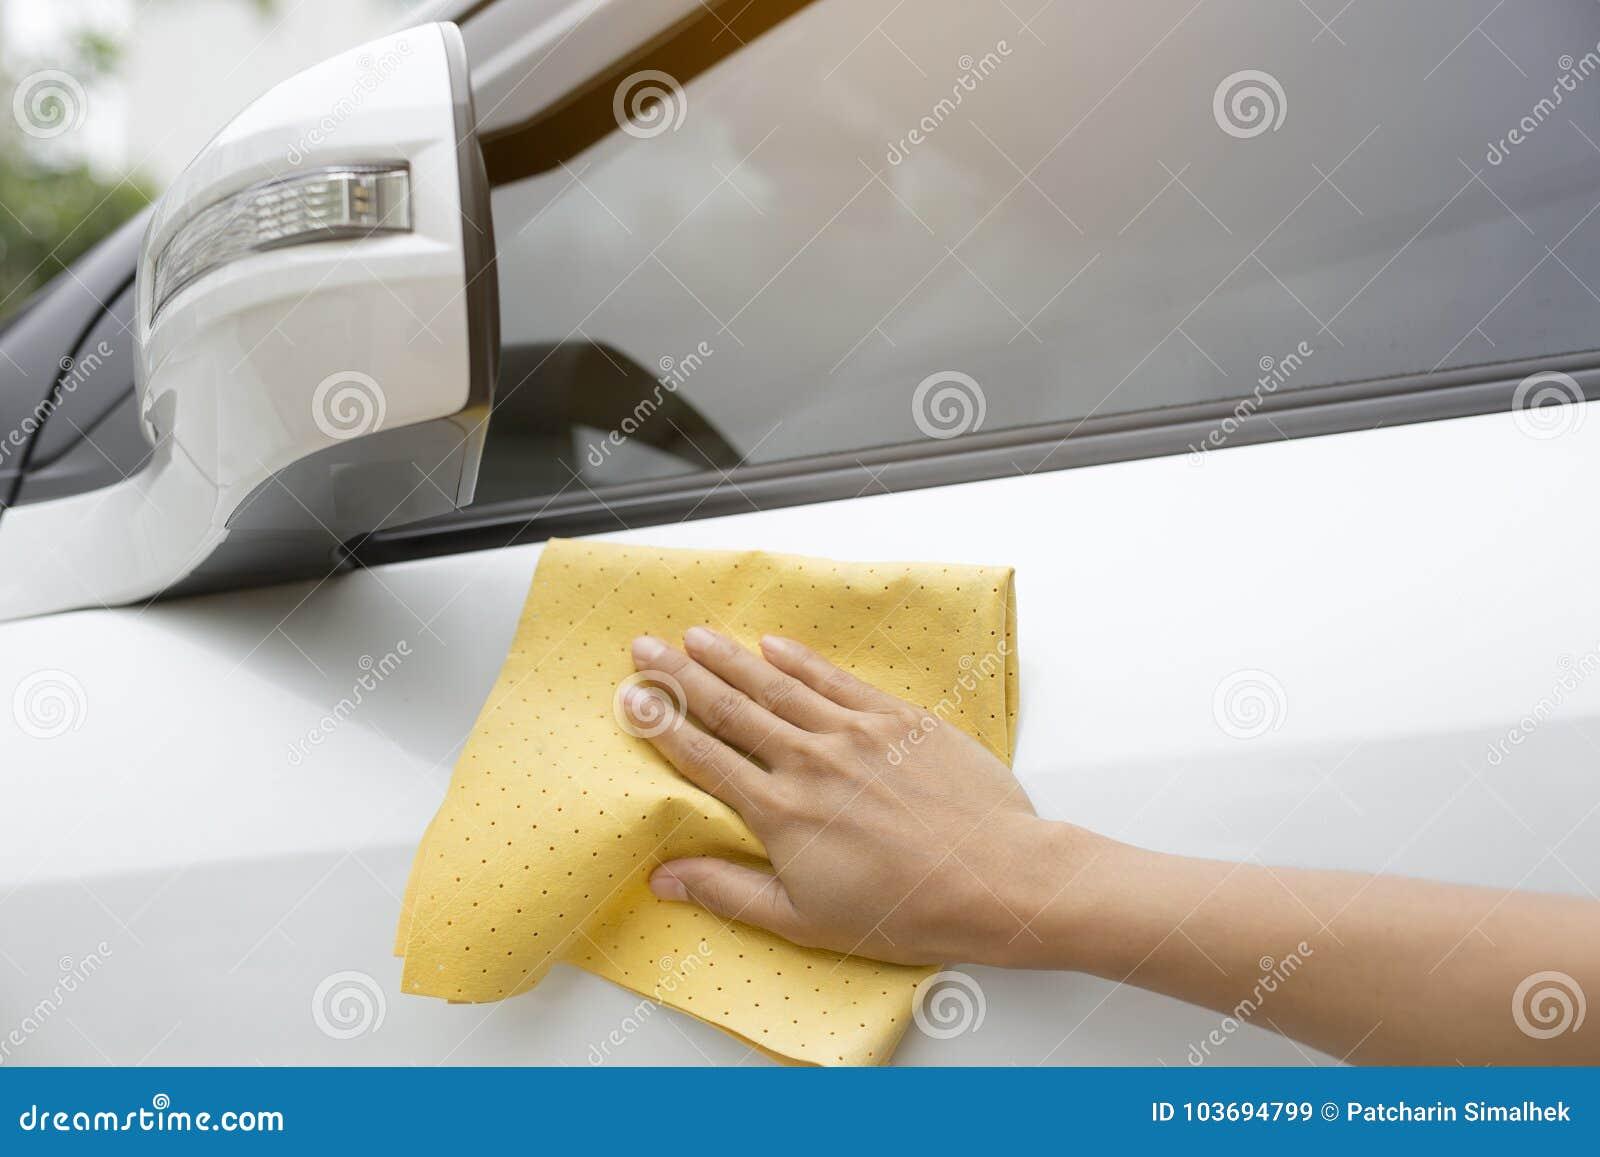 这个图象是抹汽车的图片与一块黄色microfiber布料用人工